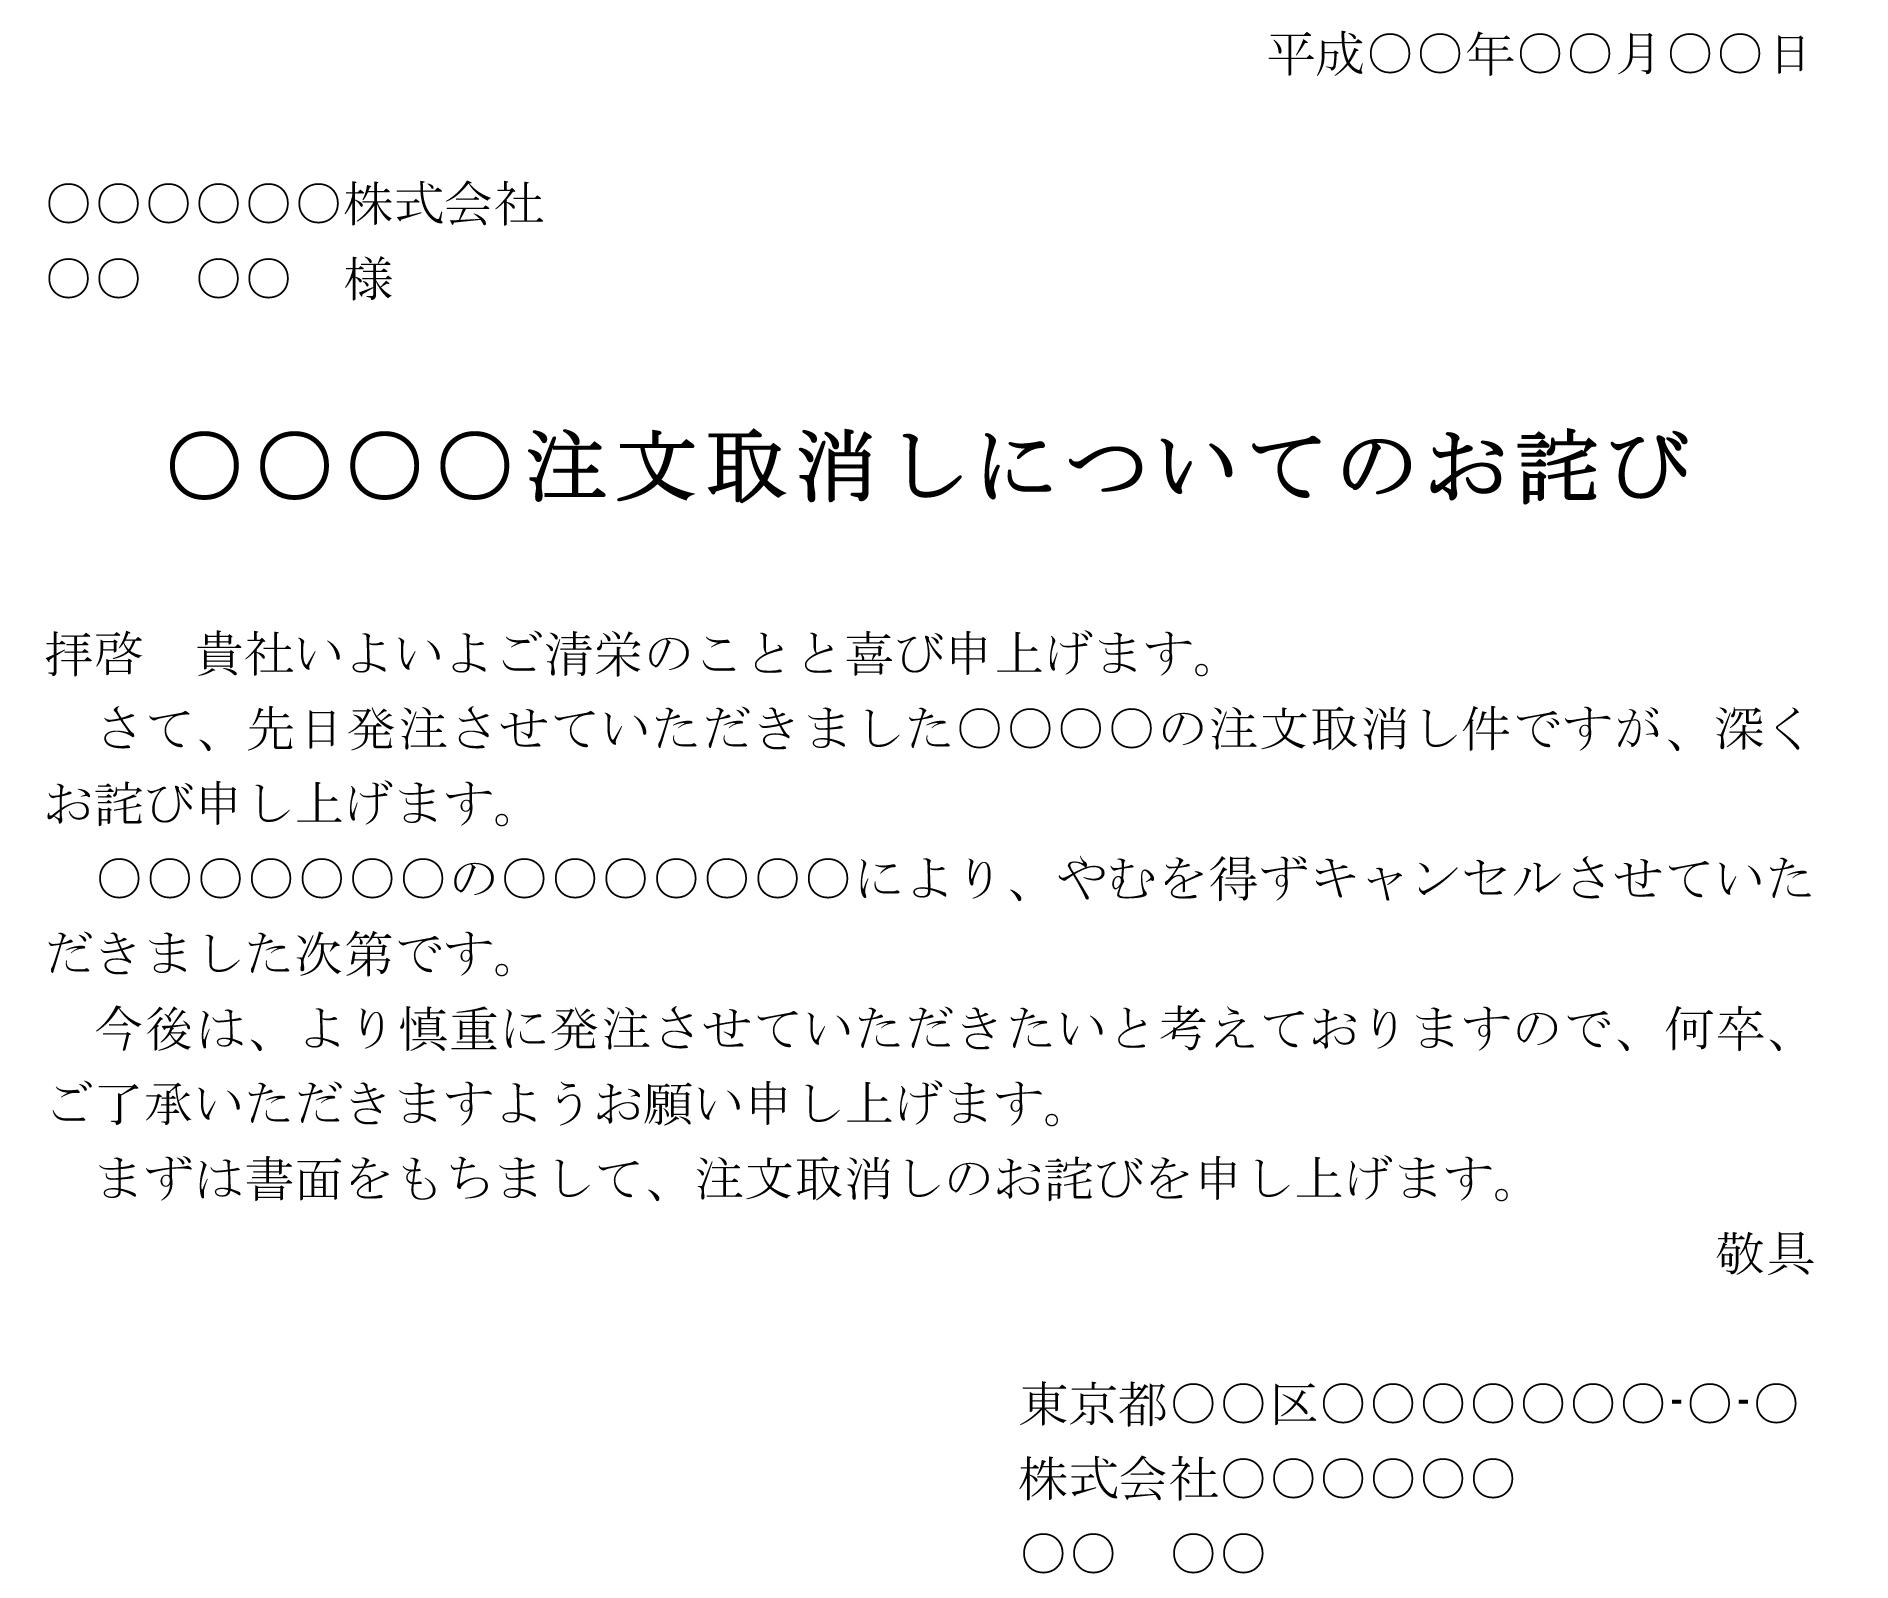 お詫び状(注文取消)